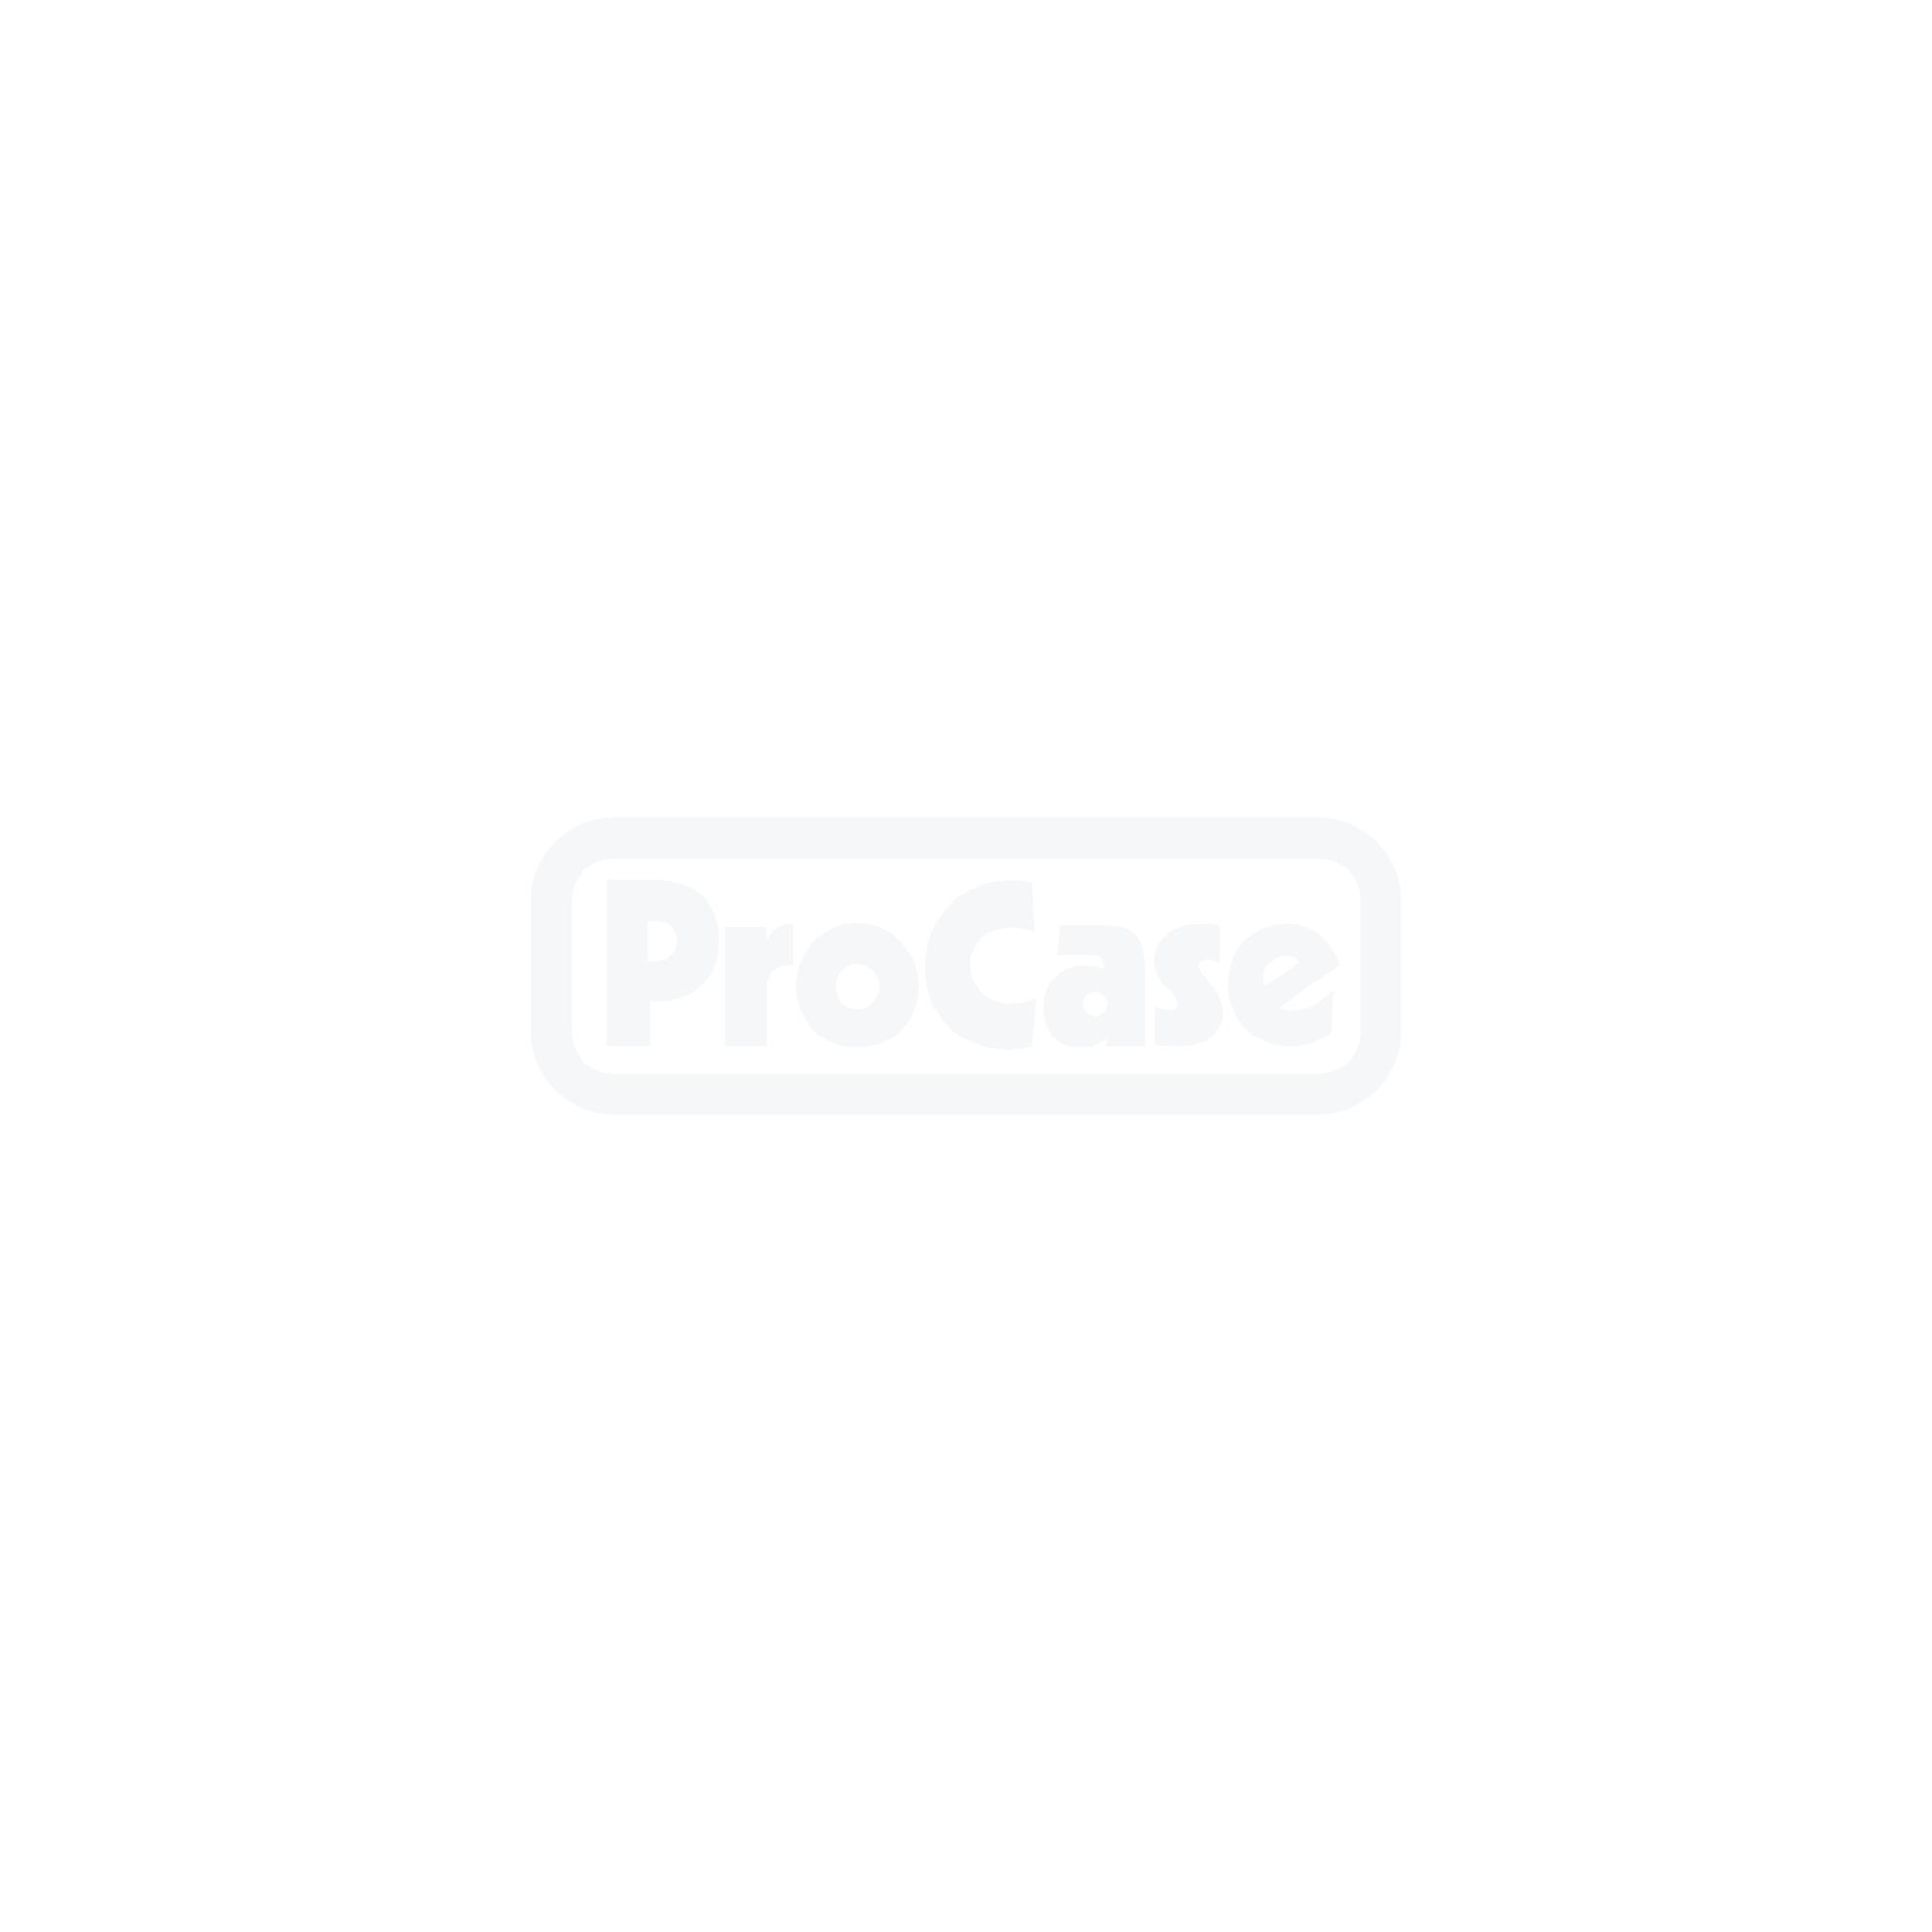 QSD Stack-Rack 5HE 600 tief 5